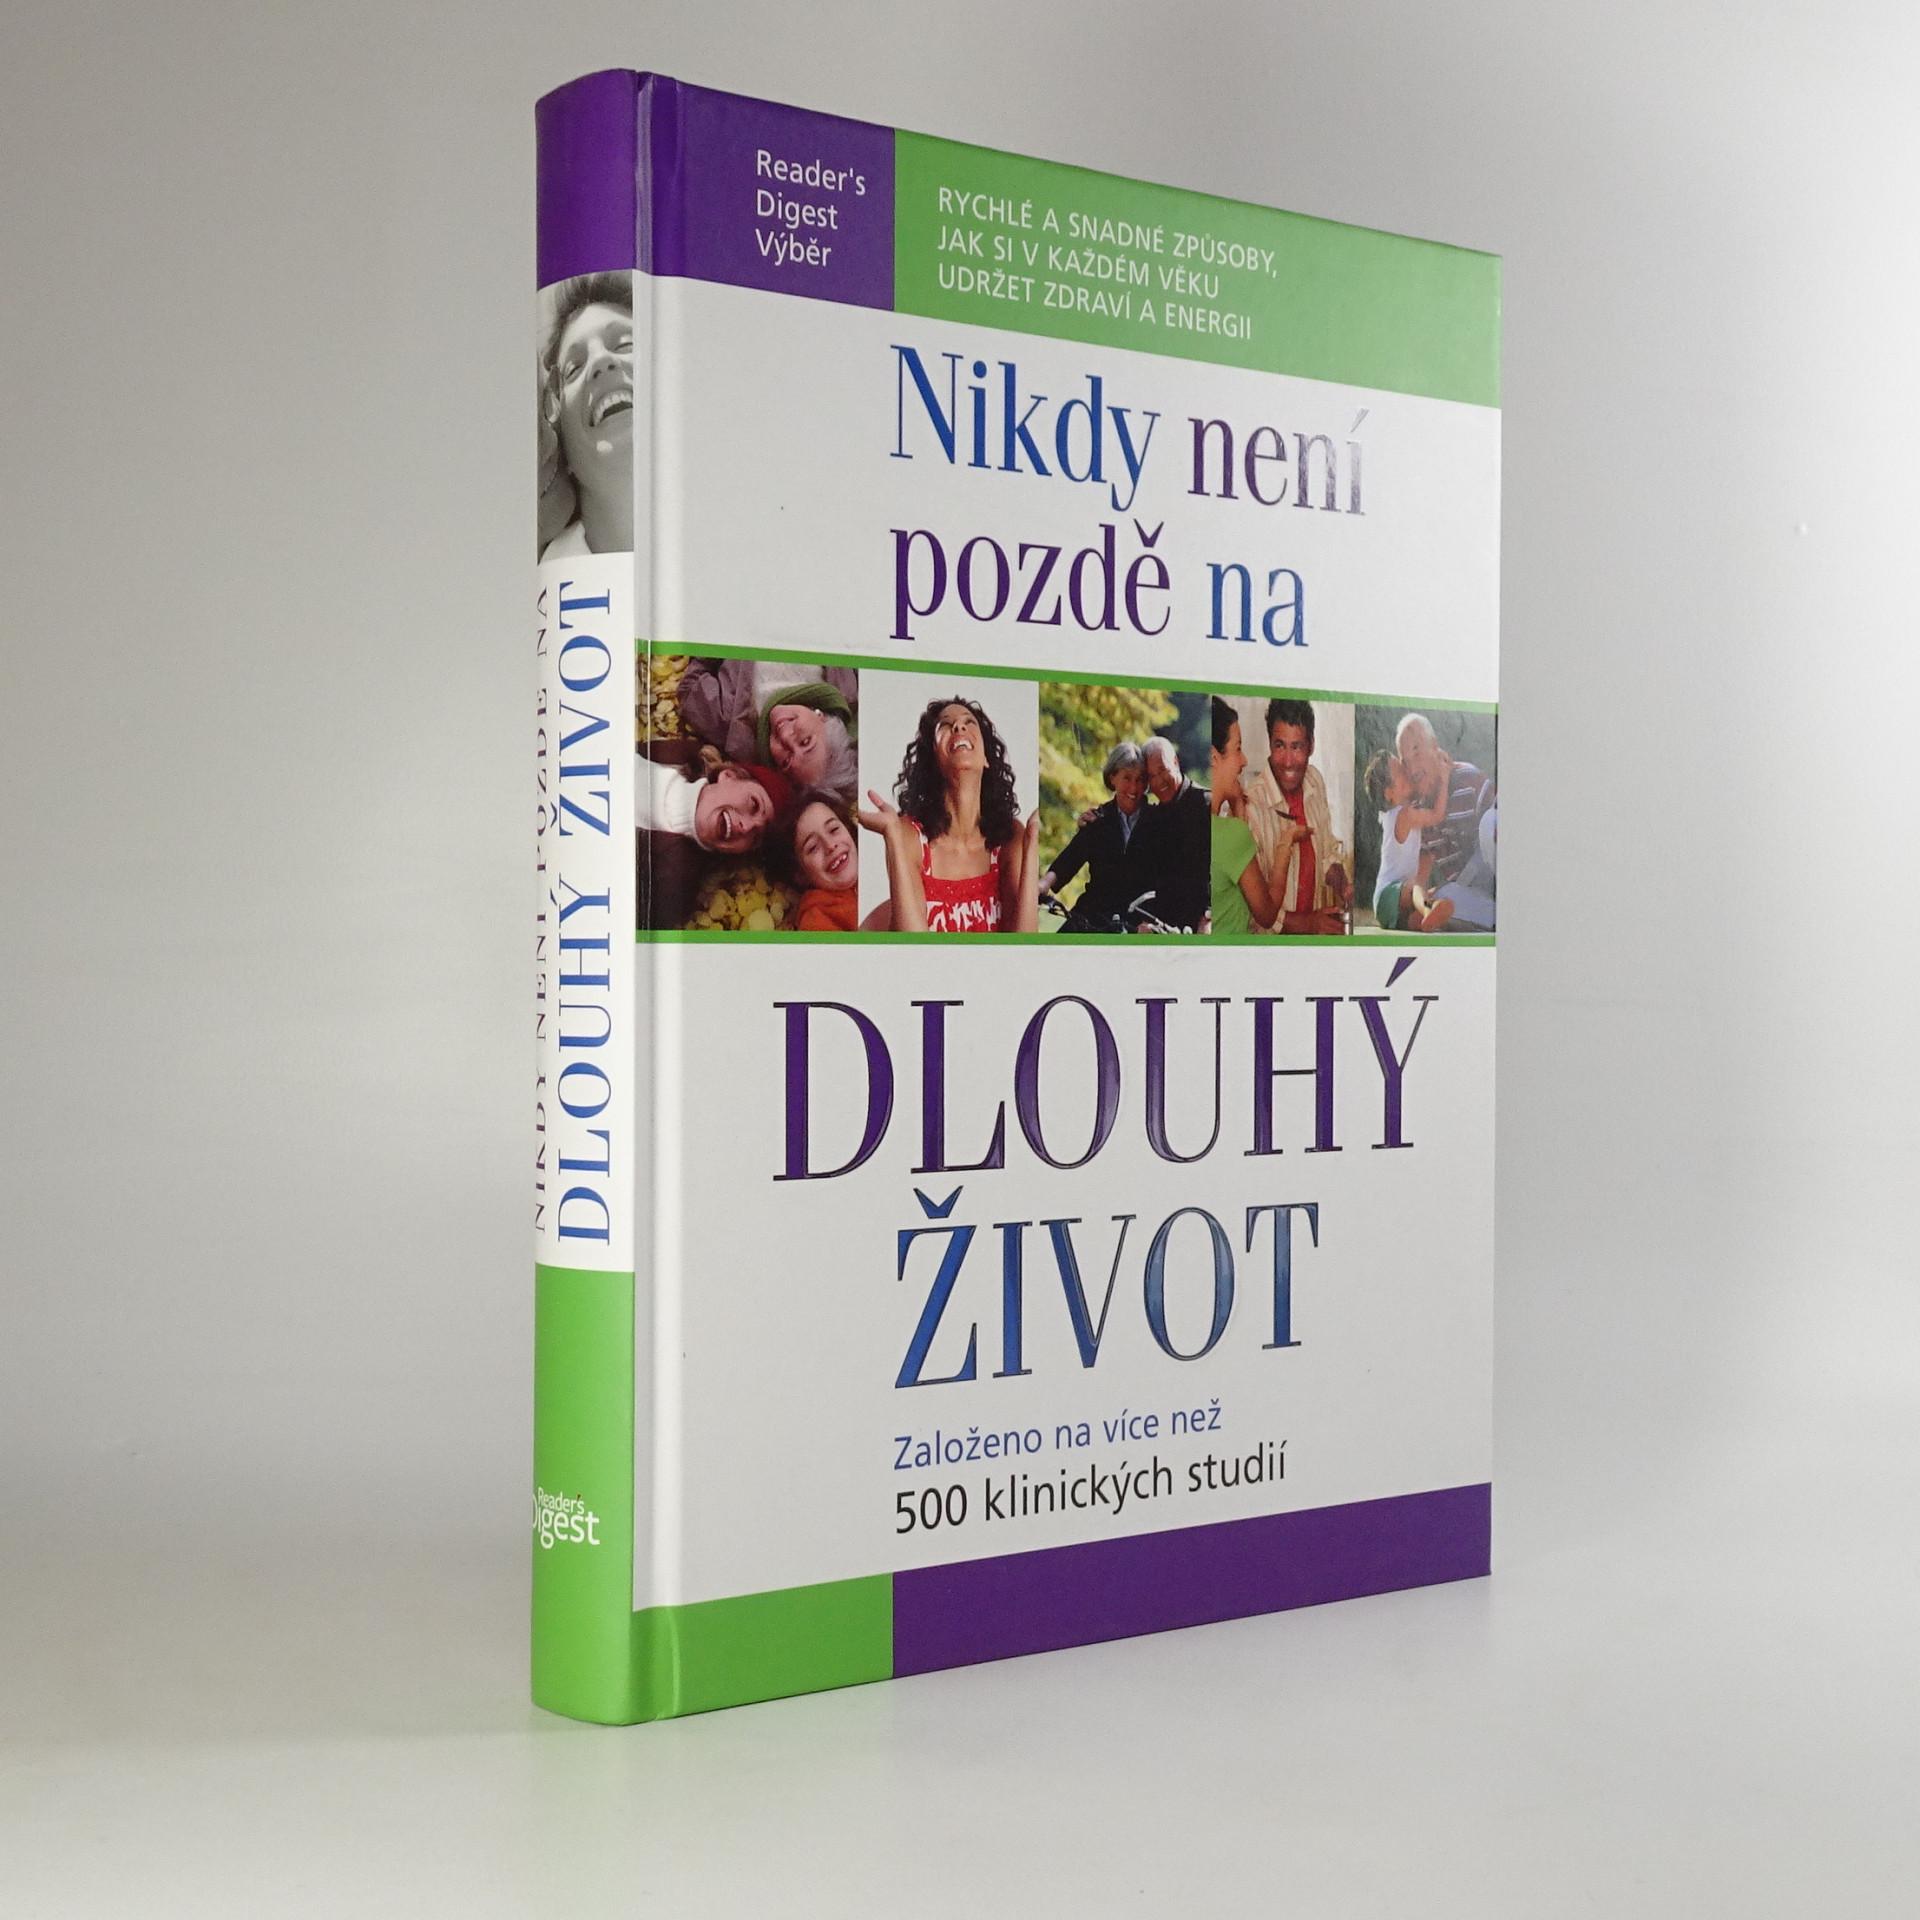 antikvární kniha Nikdy není pozdě na dlouhý život , 2009